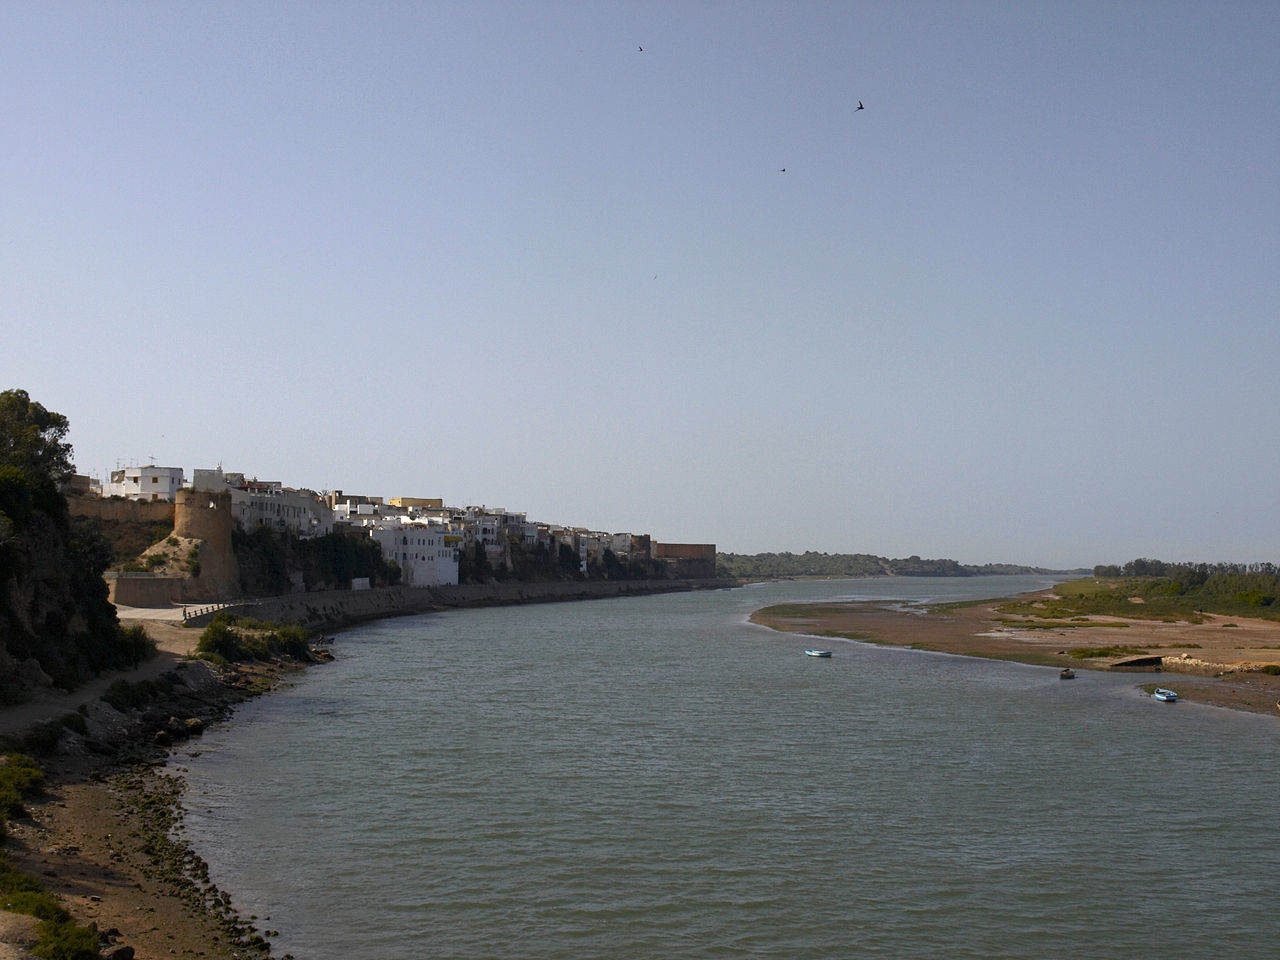 Custeou a expedição que conquistou Azamor, em Marrocos, em 1513 - (D. Jaime I, 4.º Duque de Bragança)